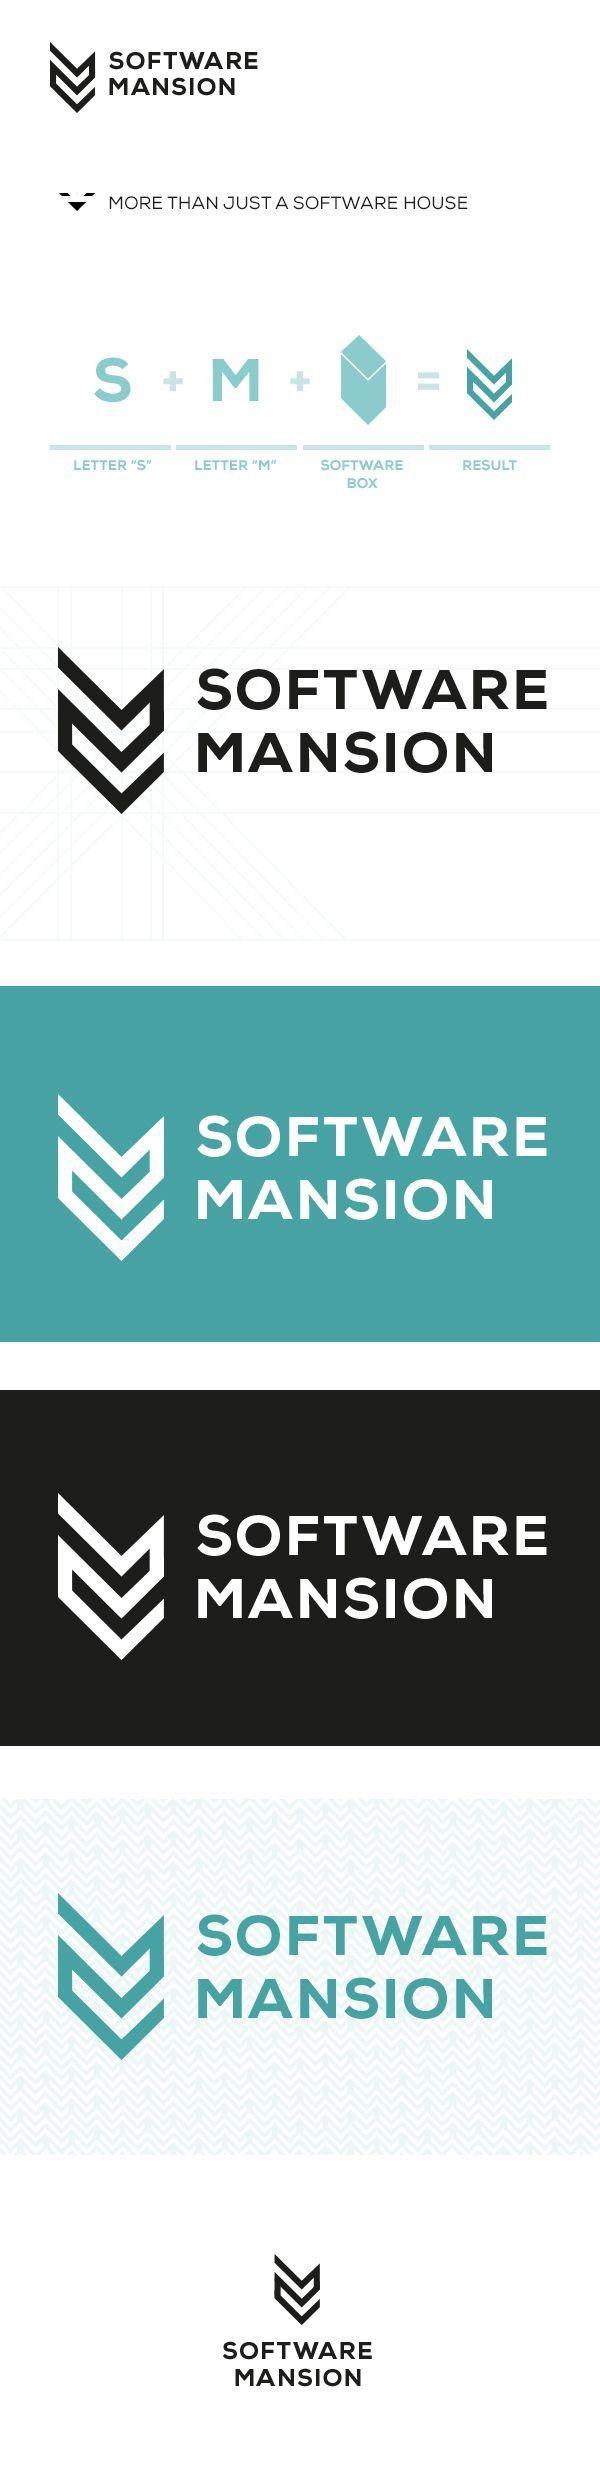 Software Mansion by Kamil Zielinski, via Behance